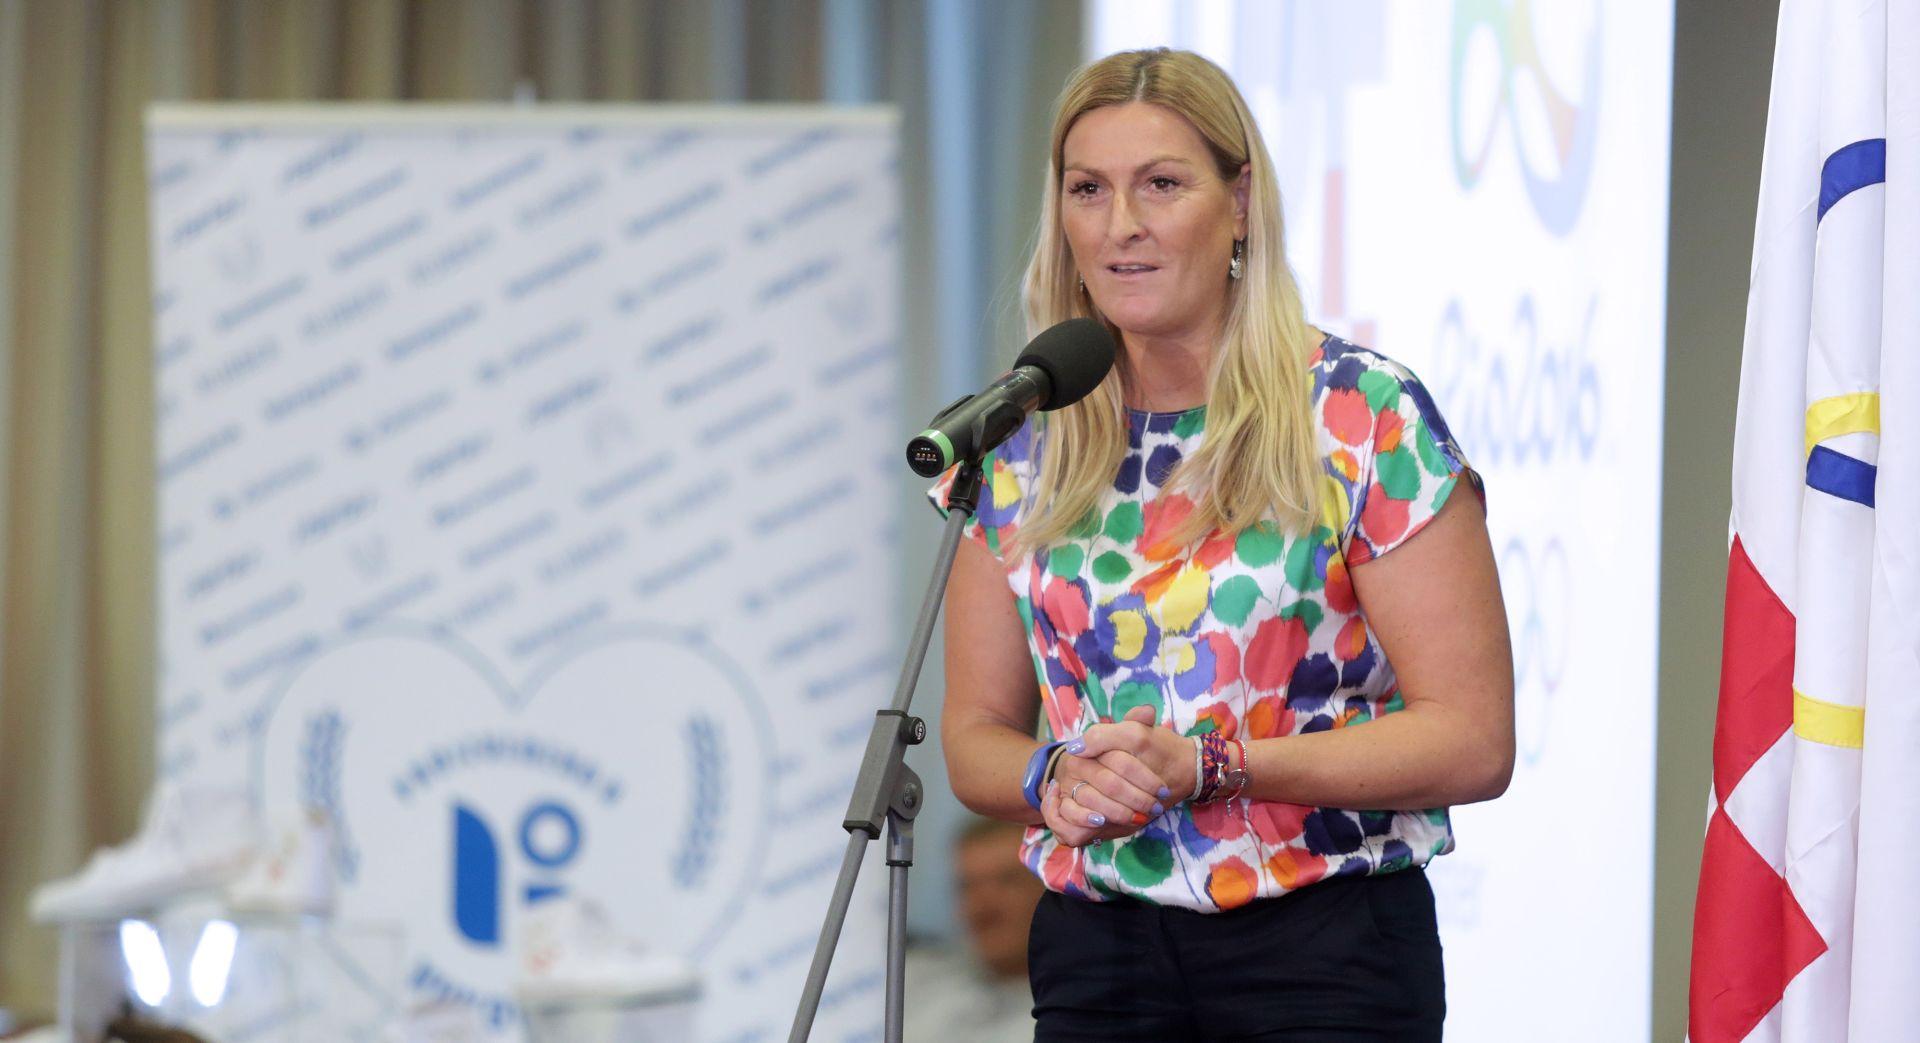 Janica Kostelić kandidatkinja za čelnicu Središnjeg državnog ureda za sport?